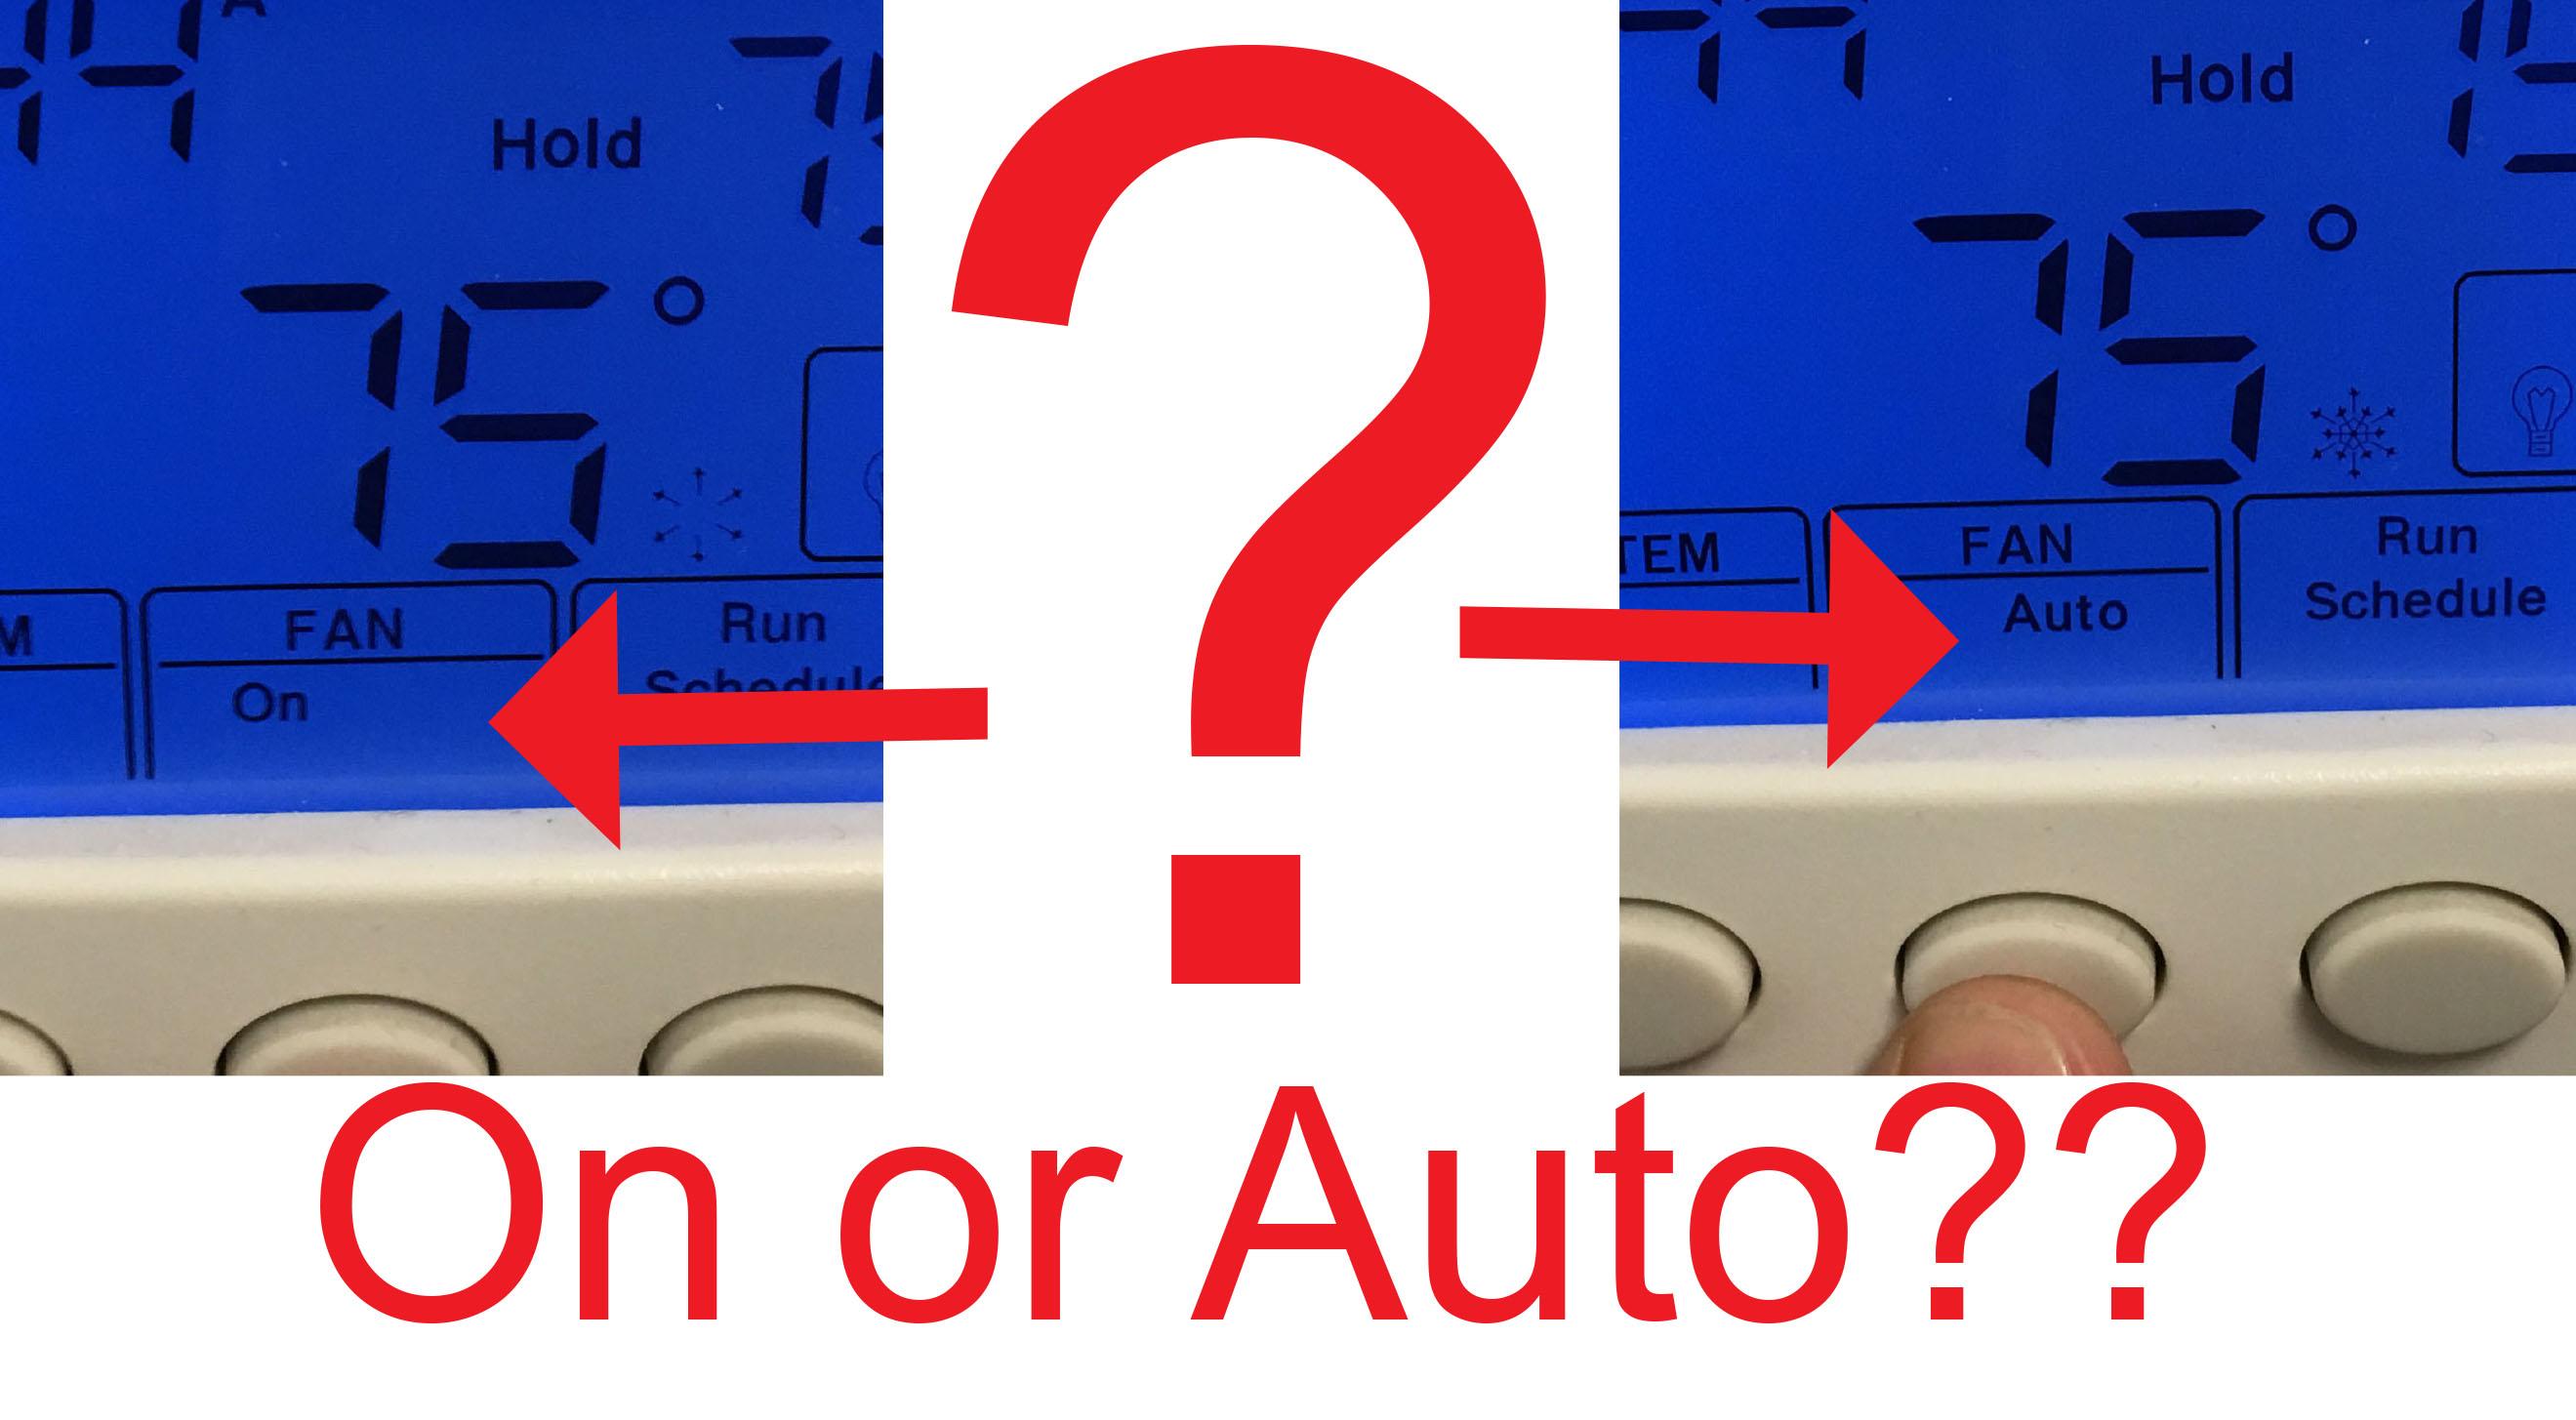 furnace fan on or auto diagram